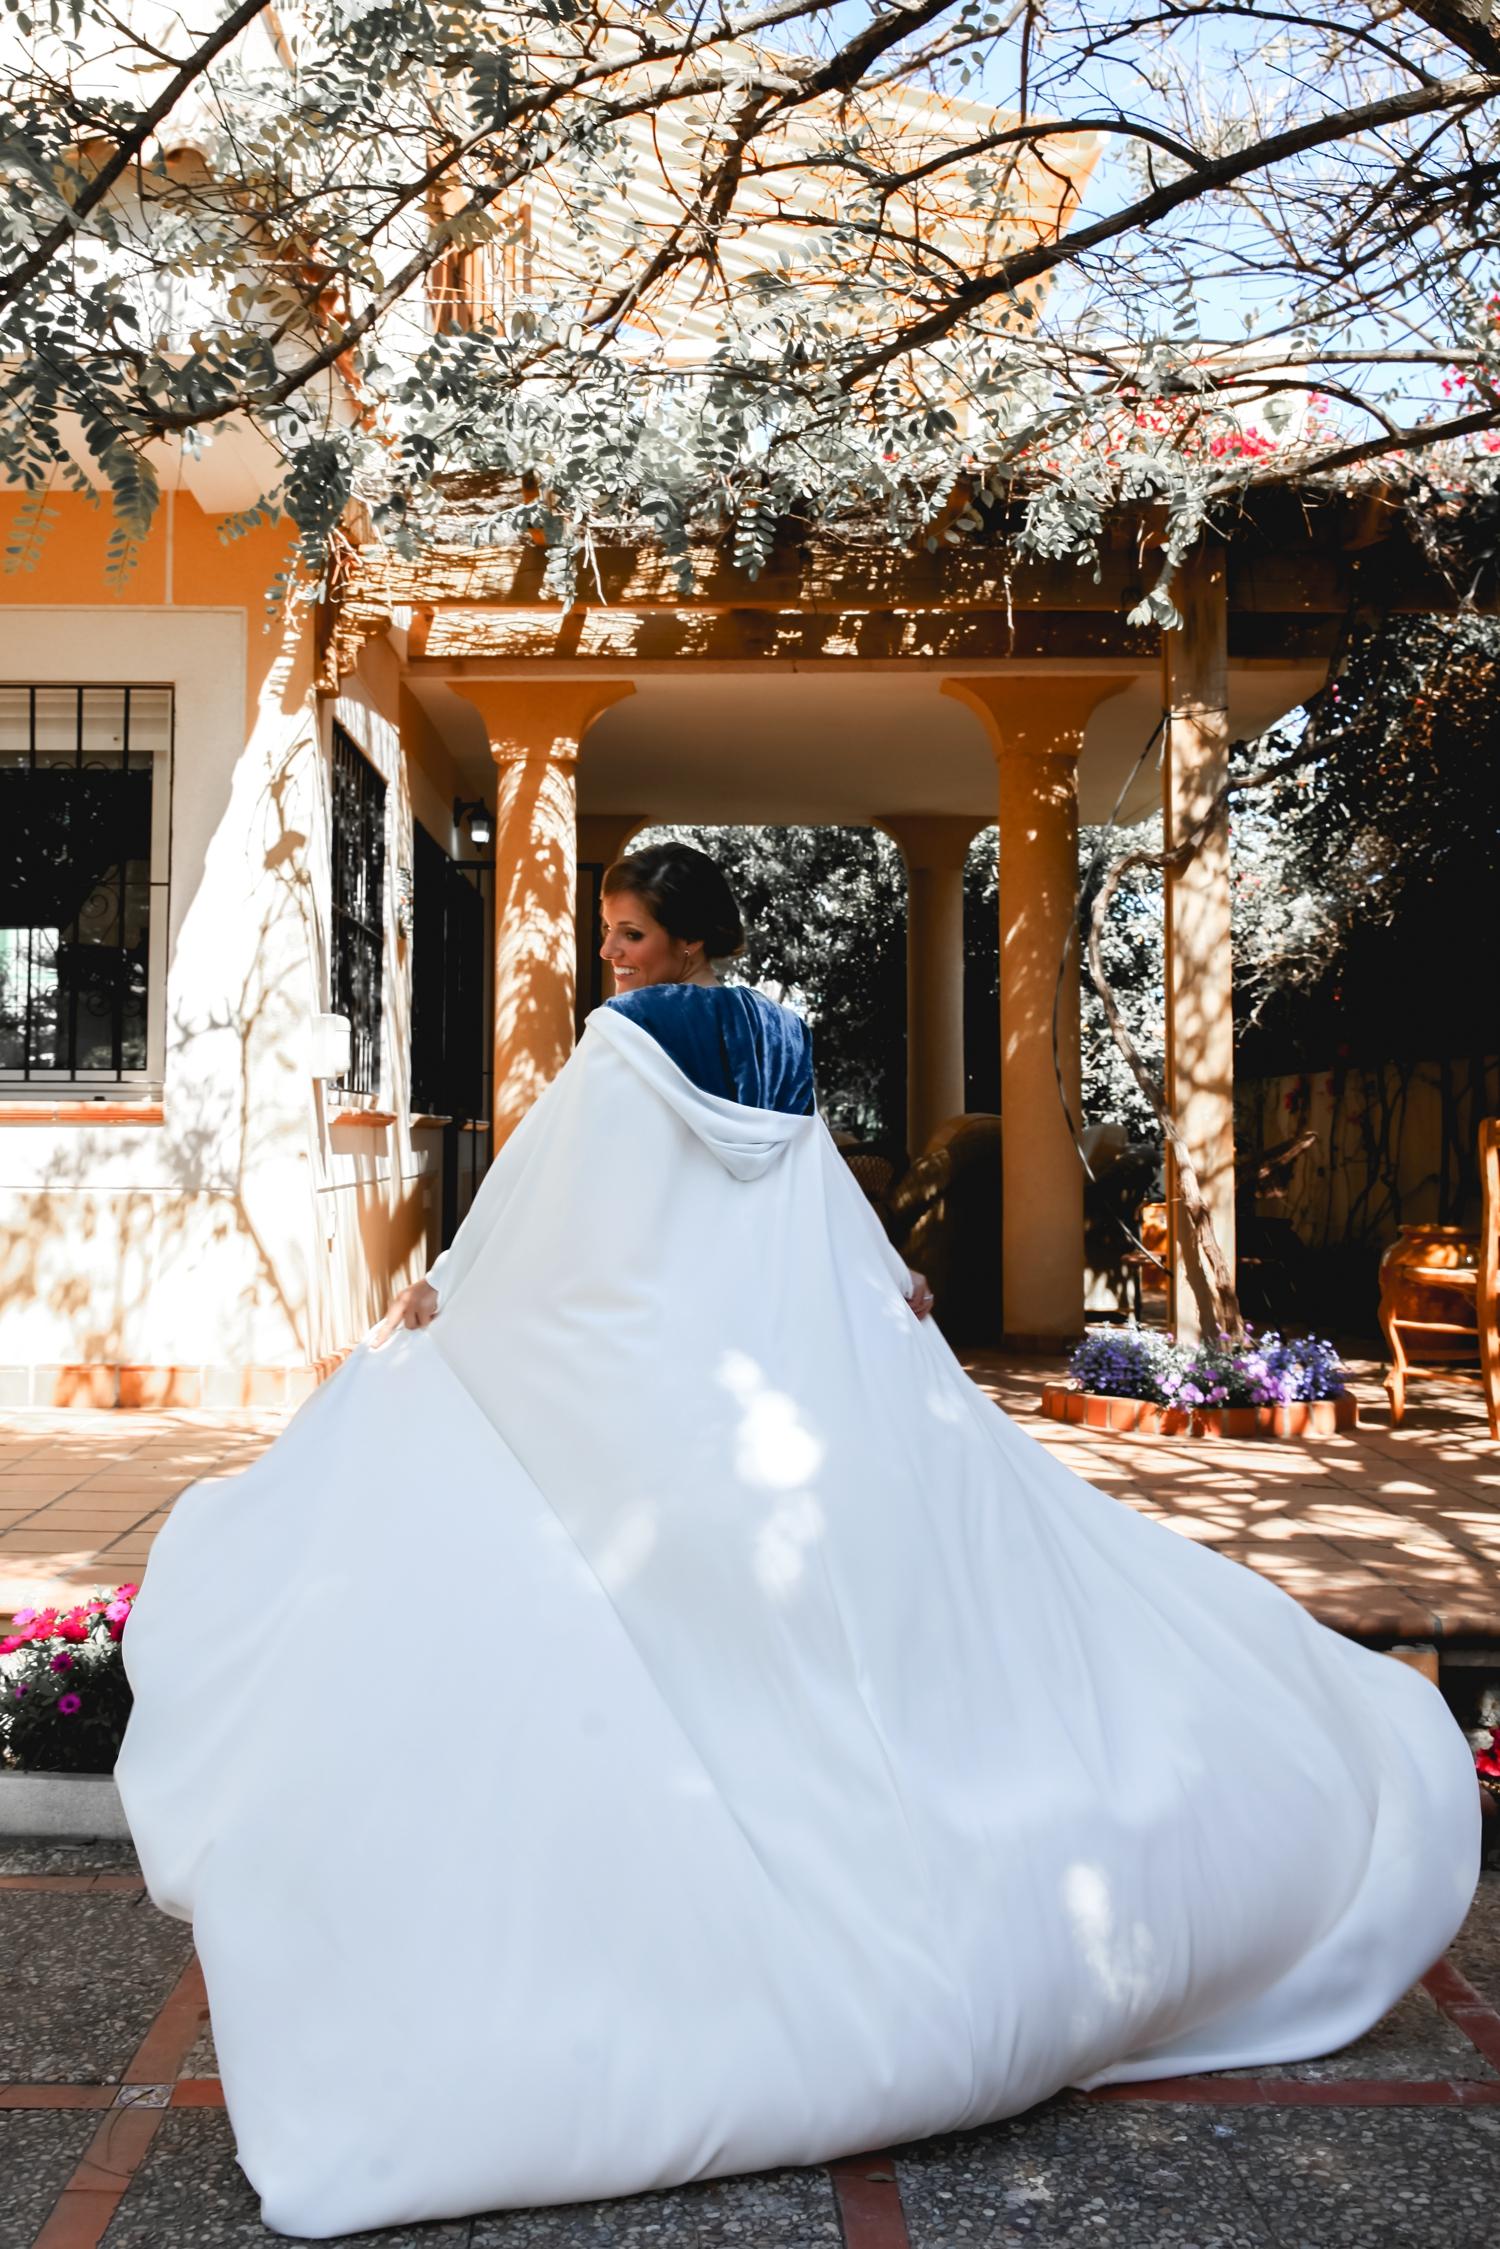 vestido-de-novia-con-capa-novias-de-invierno-tita-trillo-milano-bodas-made-in-style